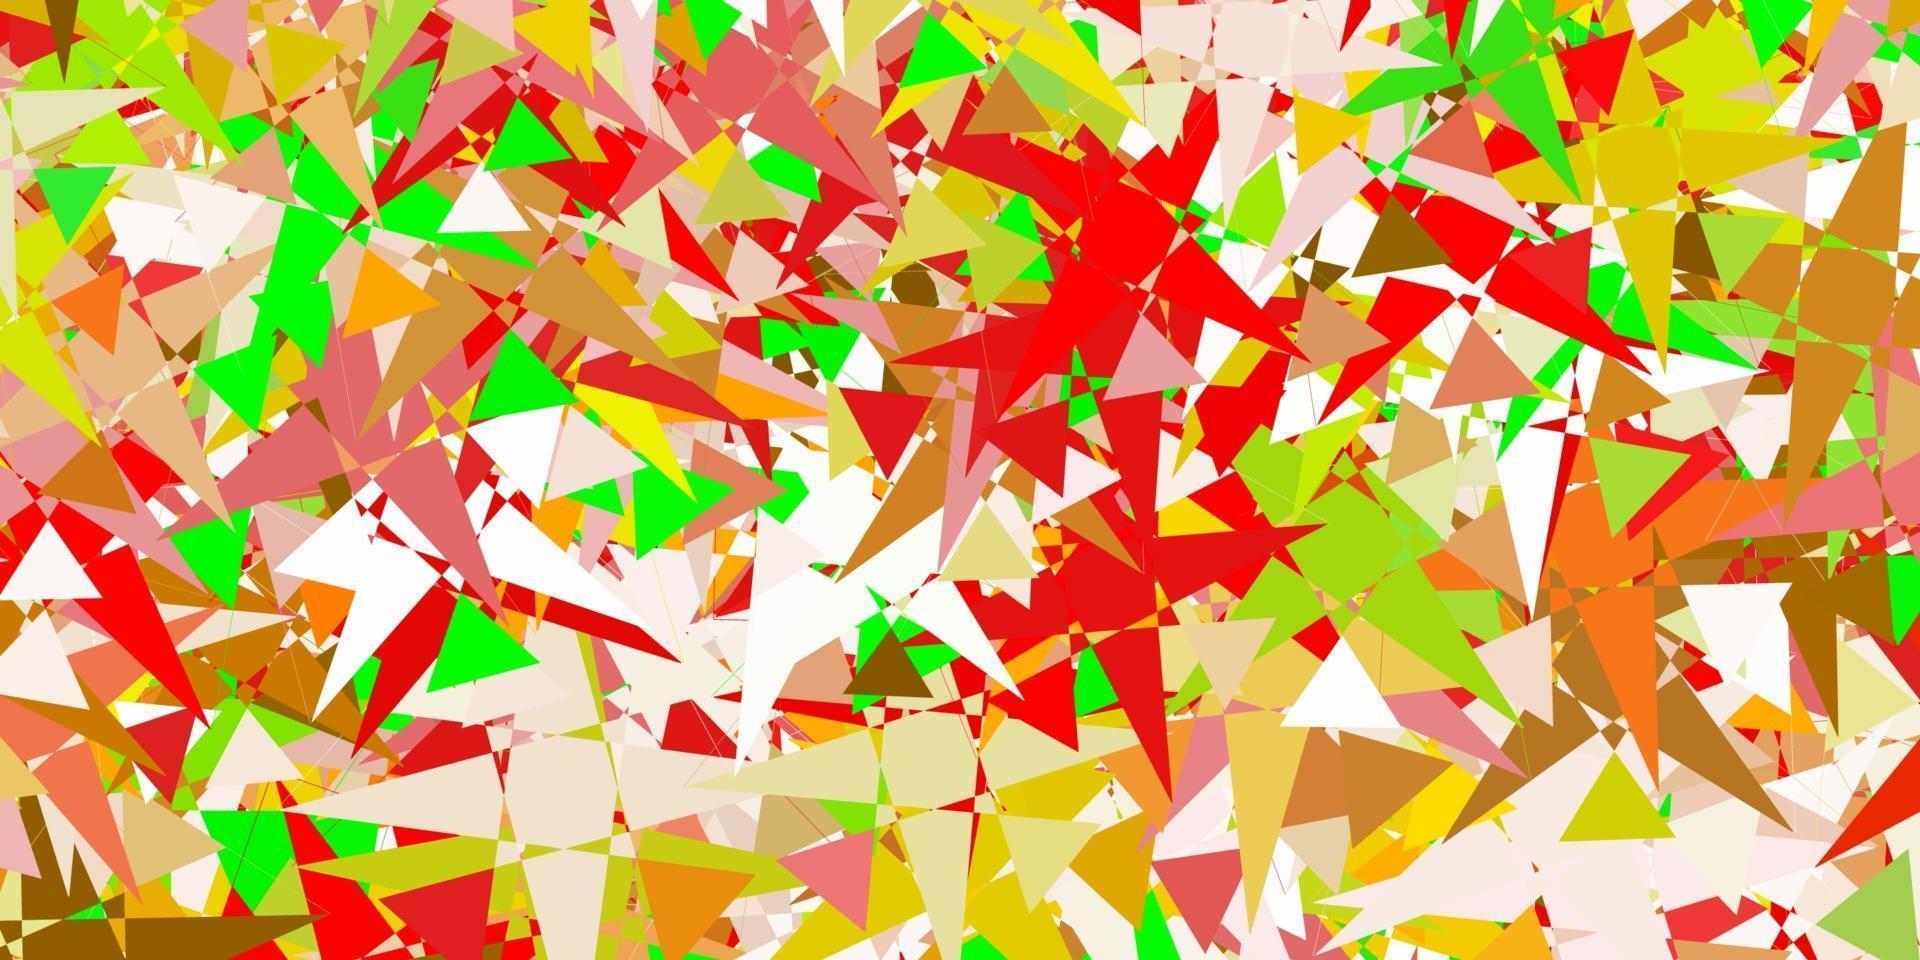 modello vettoriale rosa chiaro, verde con forme triangolari.